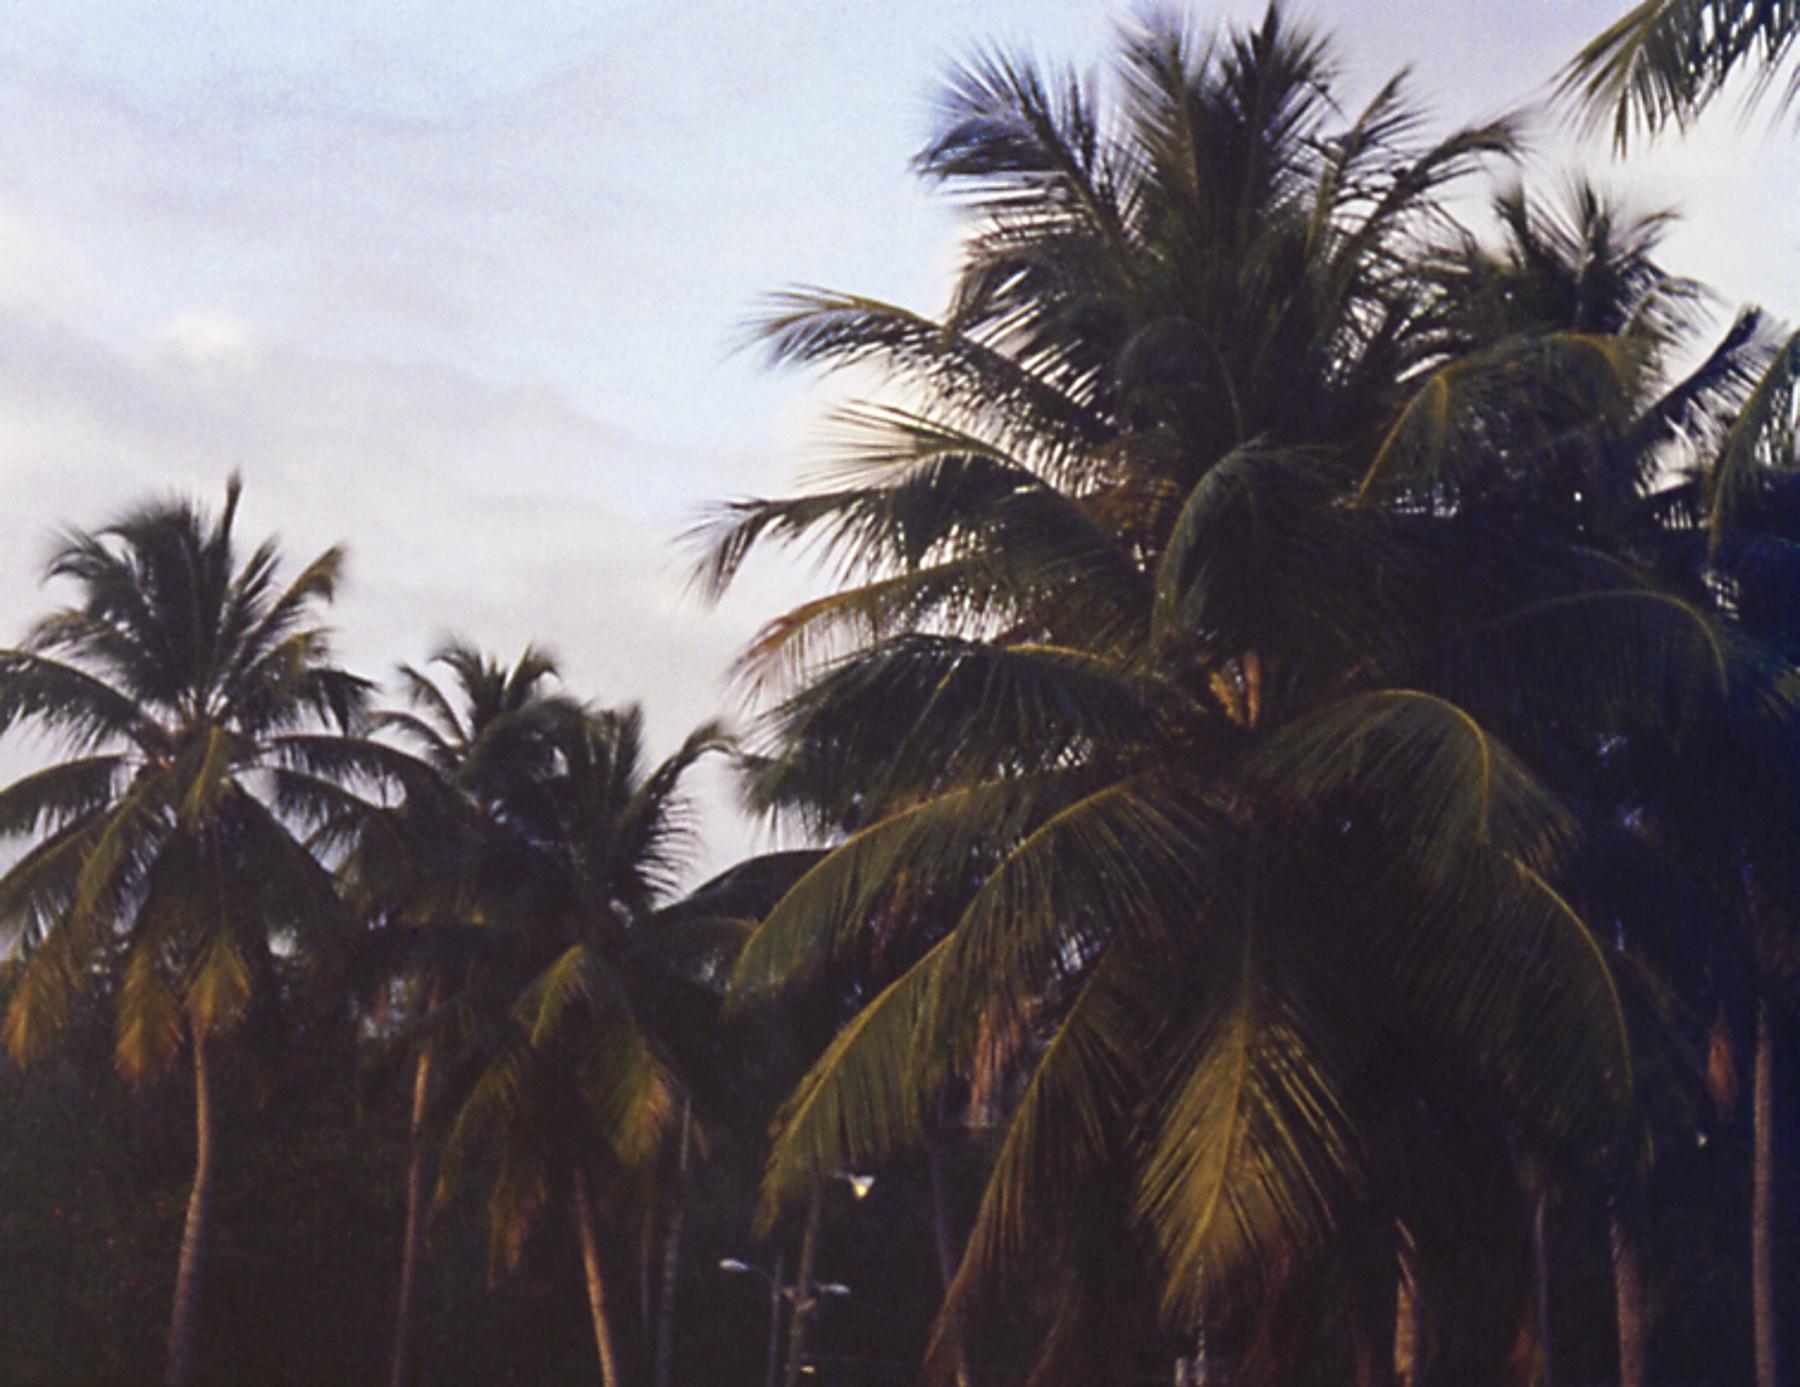 Ana Rosa Sáez | Palm trees | Olympus Pen FT